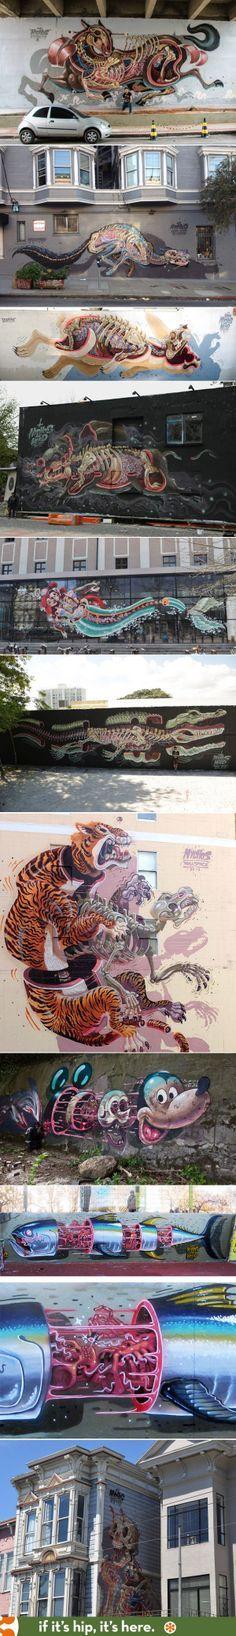 A look at the work of street Artist NYCHOS. Este arte es lo que le da color al mundo ^▽^